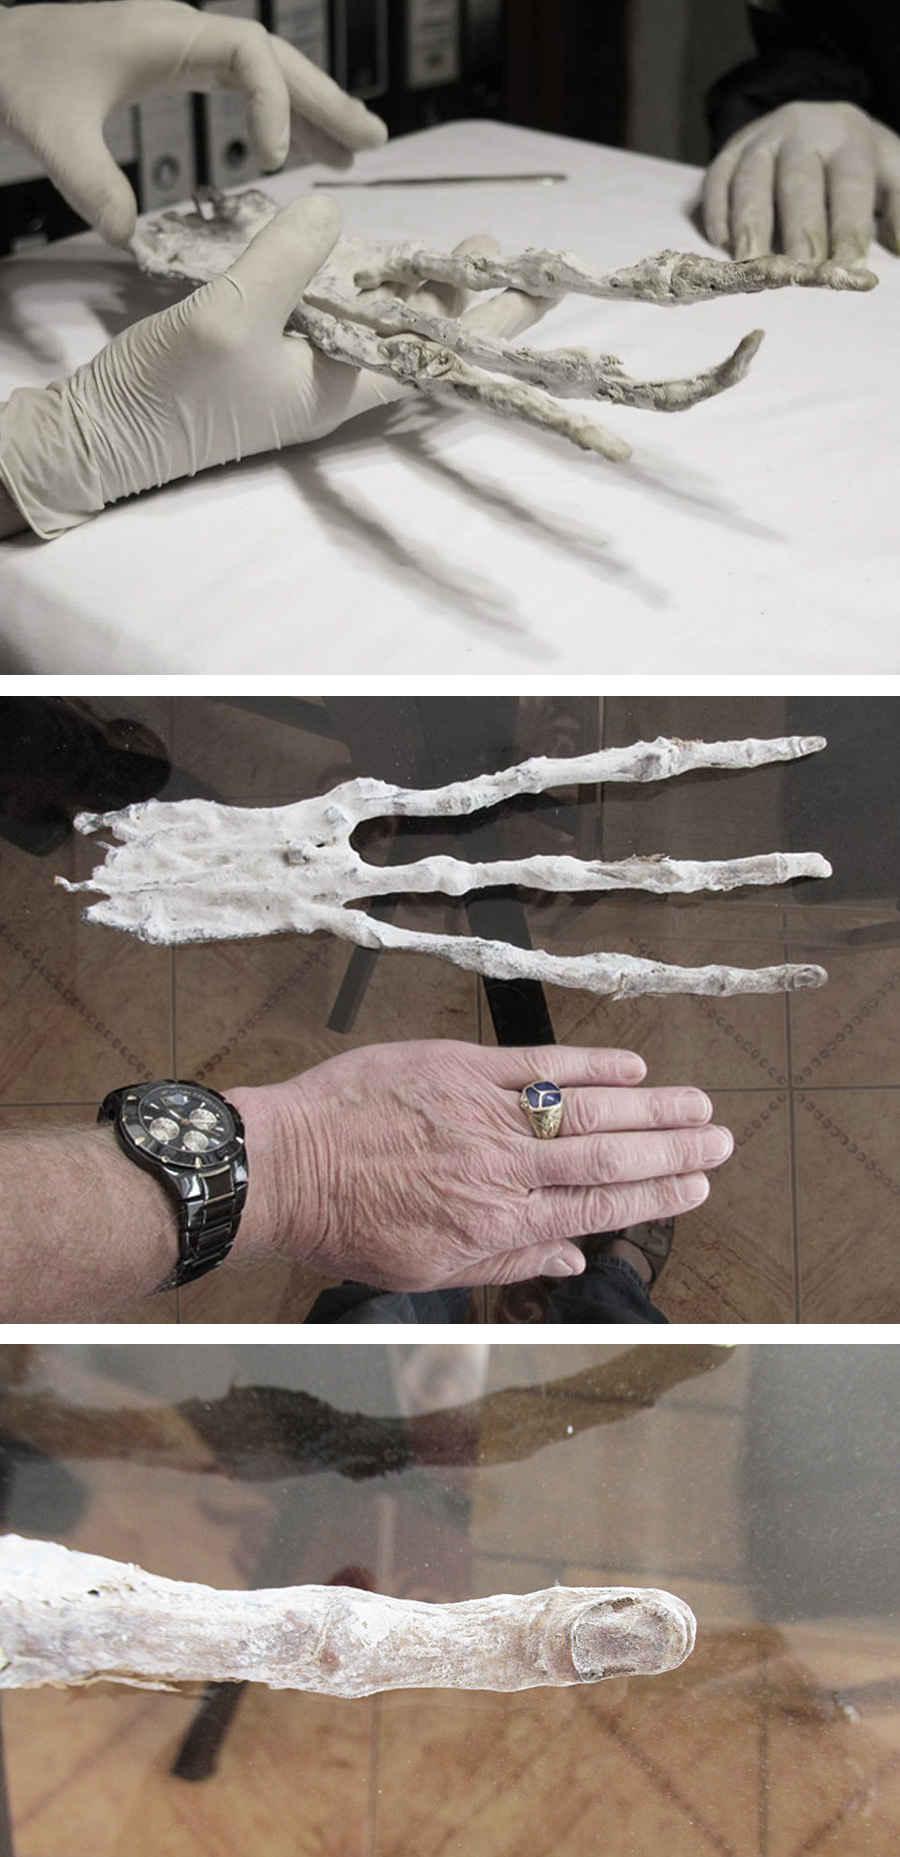 Кисти рук инопланетянина